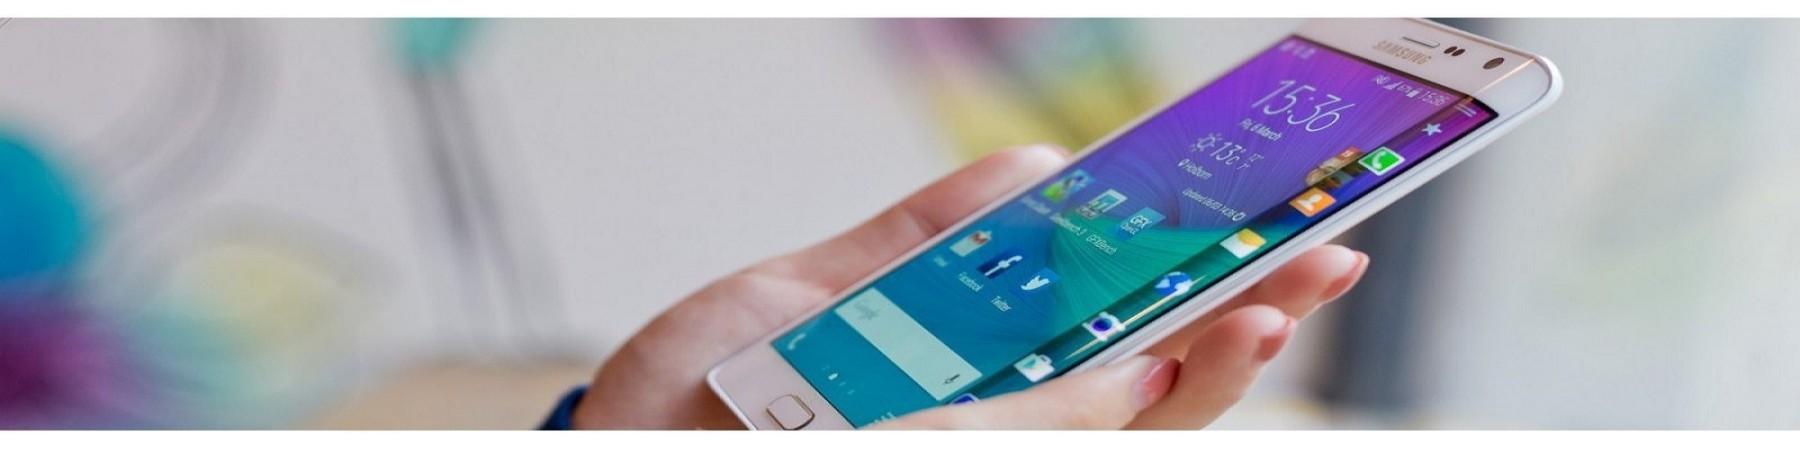 Điện thoại thông minh,smartphone,iphone chính hãng